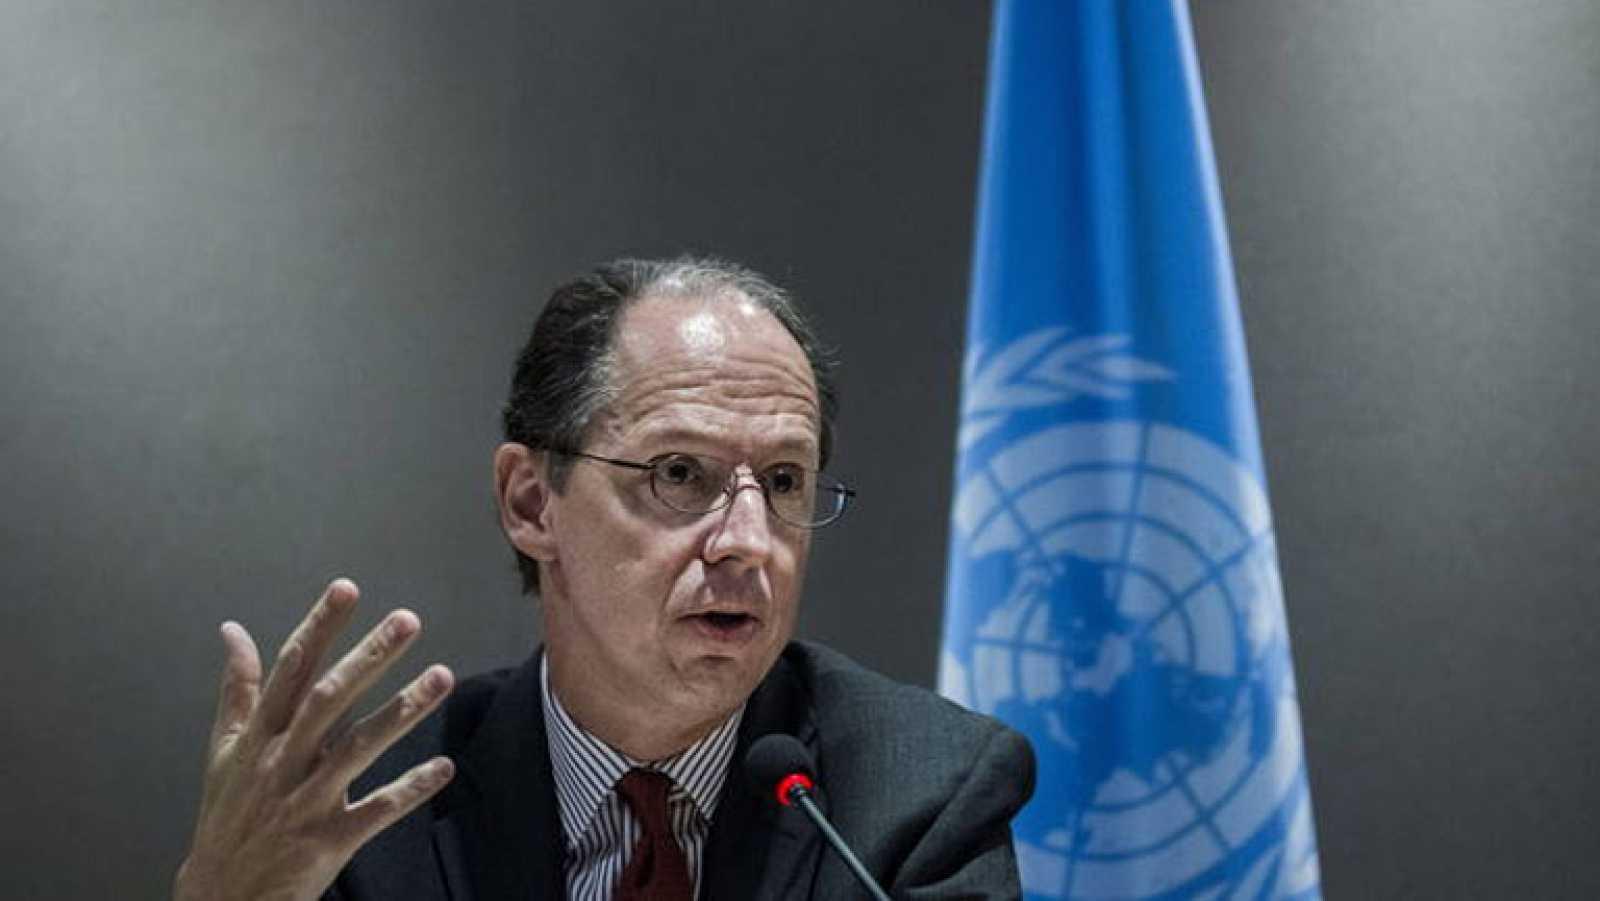 El relator de la ONU critica que el Estado no enjuicie los crímenes del franquismo